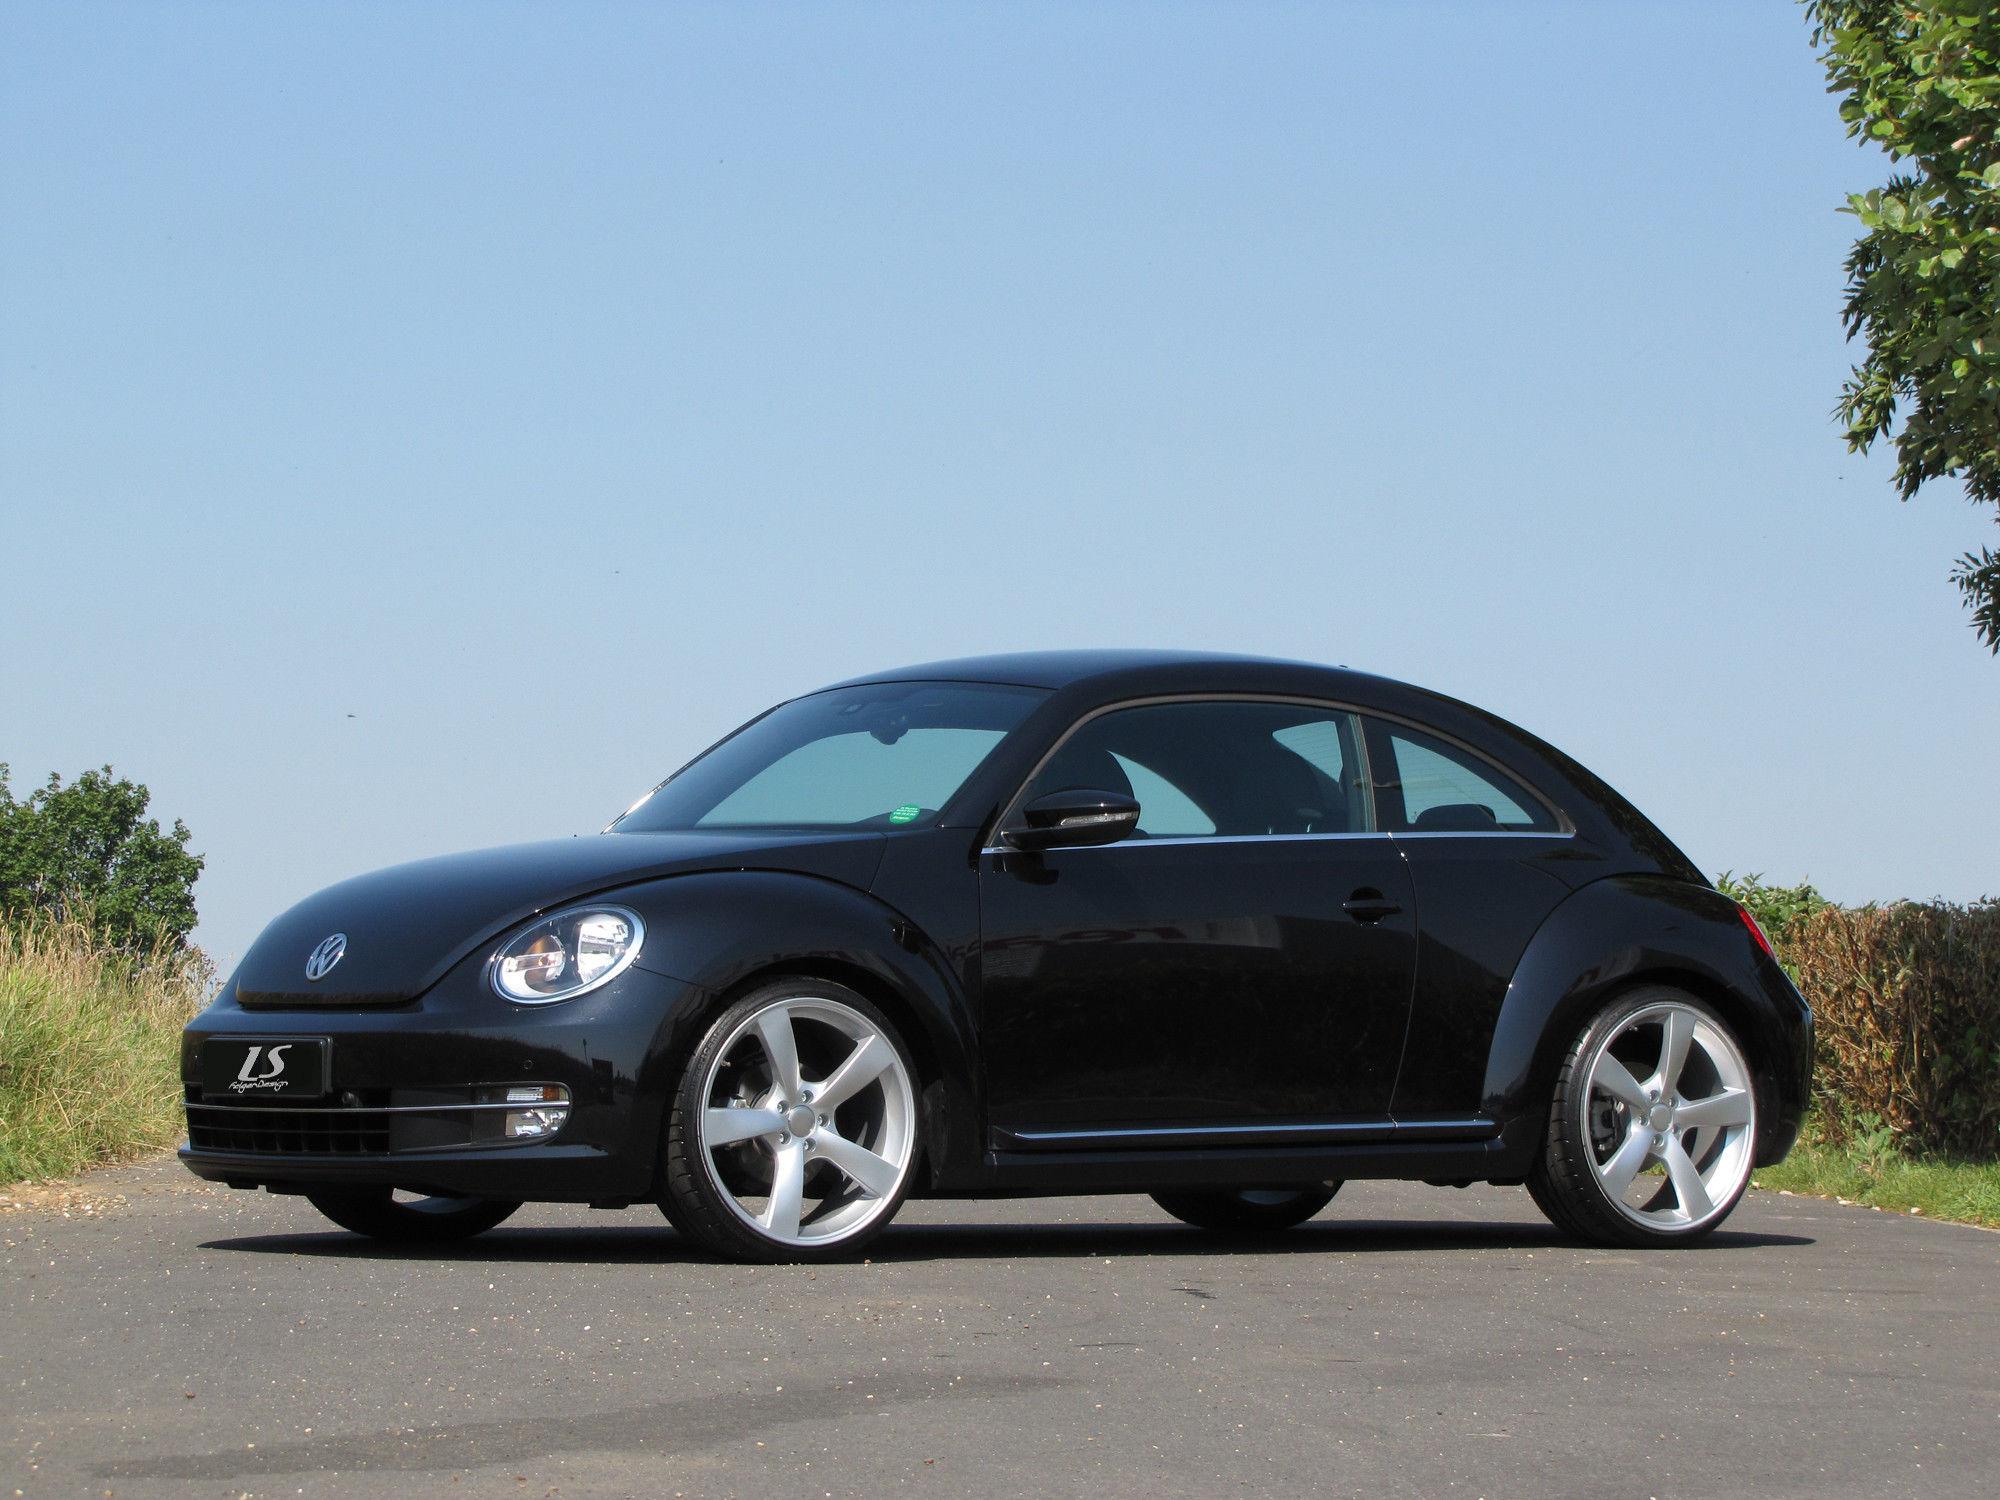 news alufelgen 20zoll felgen vw beetle 9x20 alufelgen mit. Black Bedroom Furniture Sets. Home Design Ideas